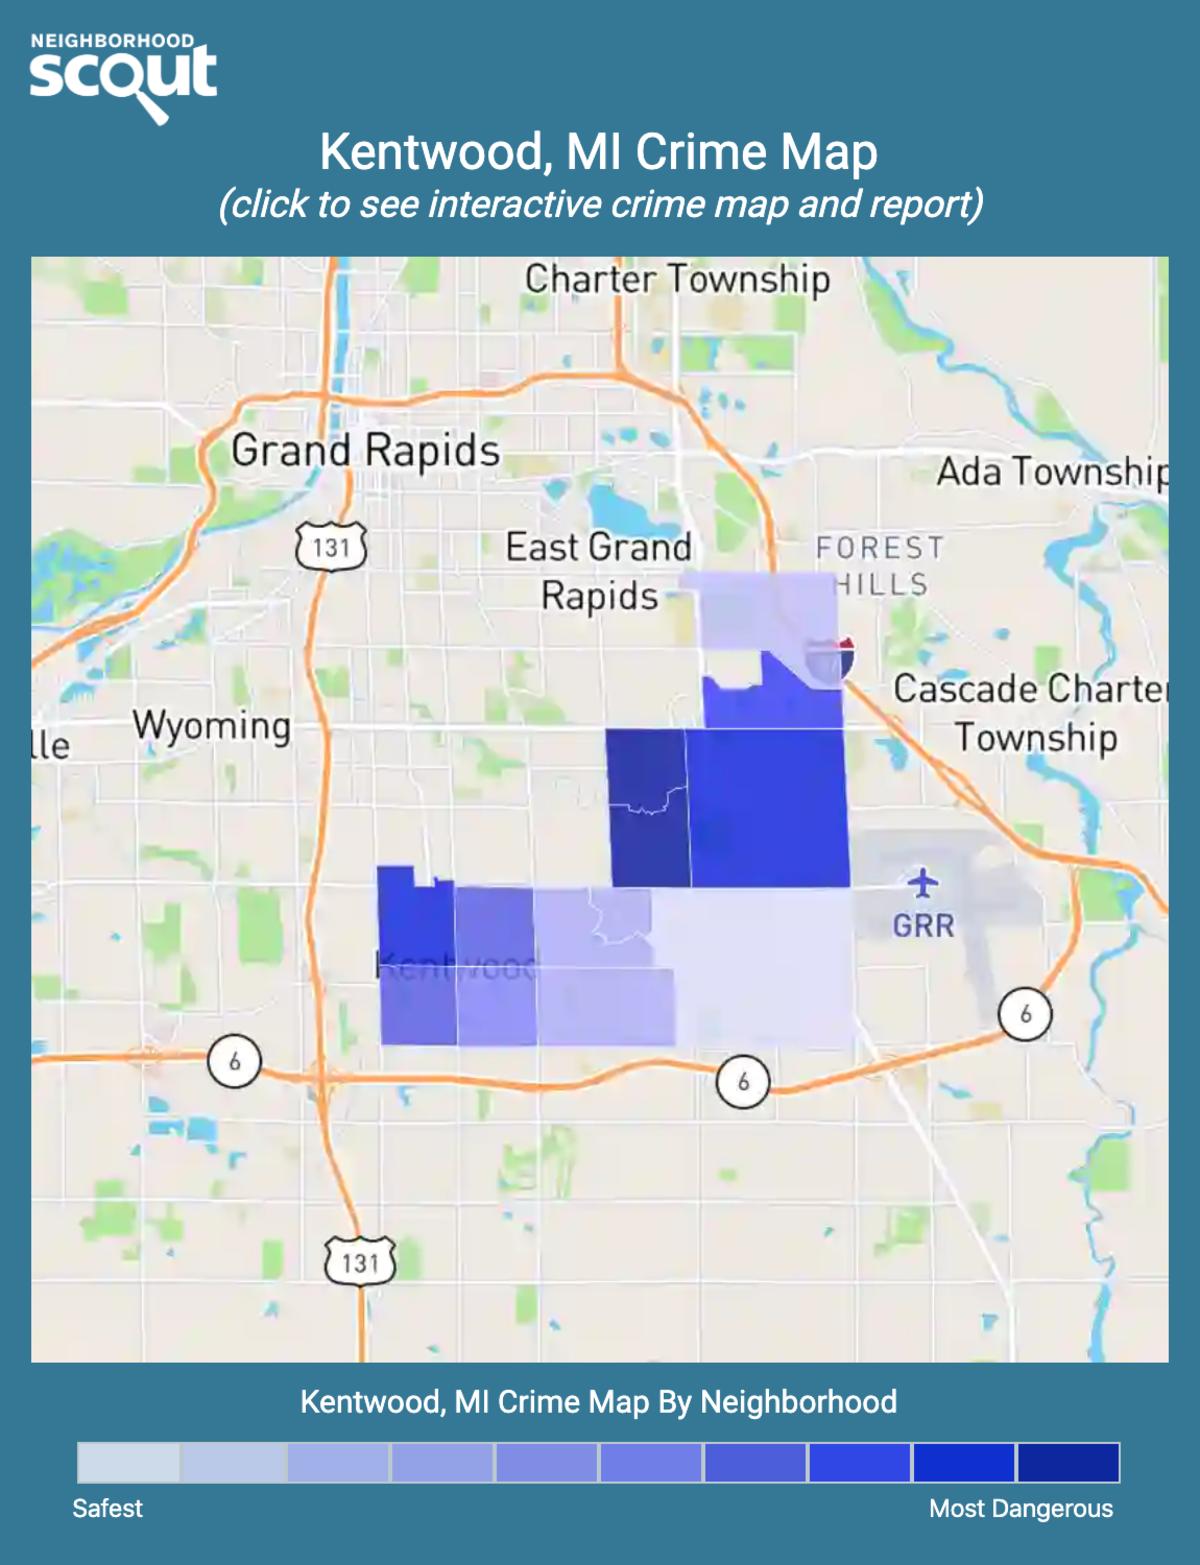 Kentwood, Michigan crime map